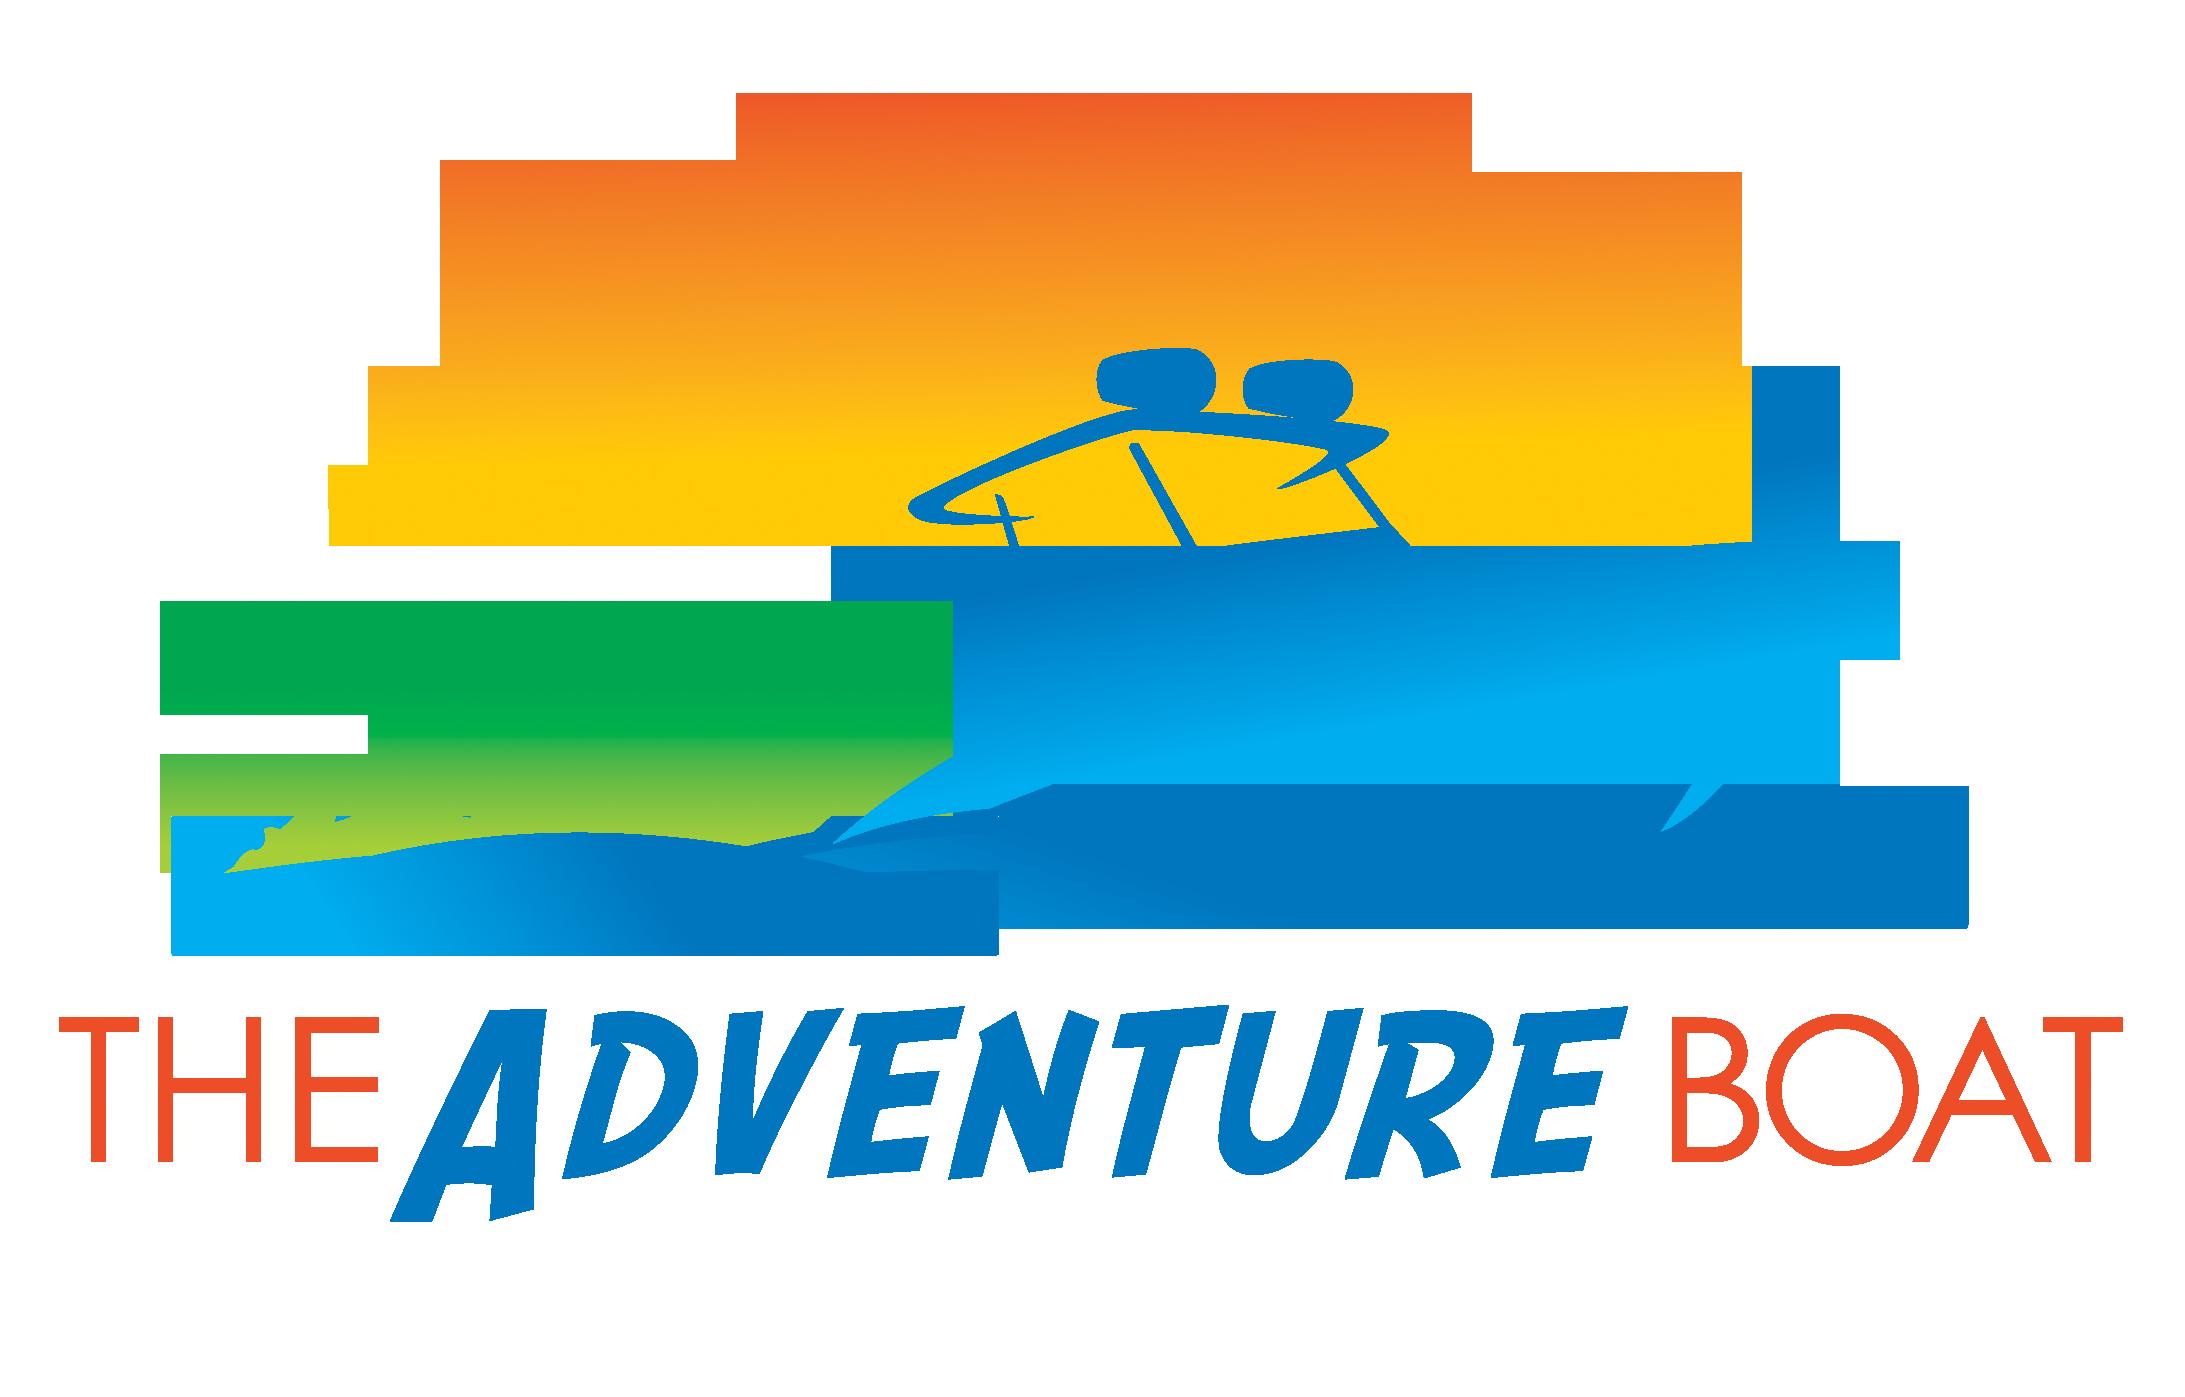 Hawaiian boat charter company needs a fun and adventurous logo